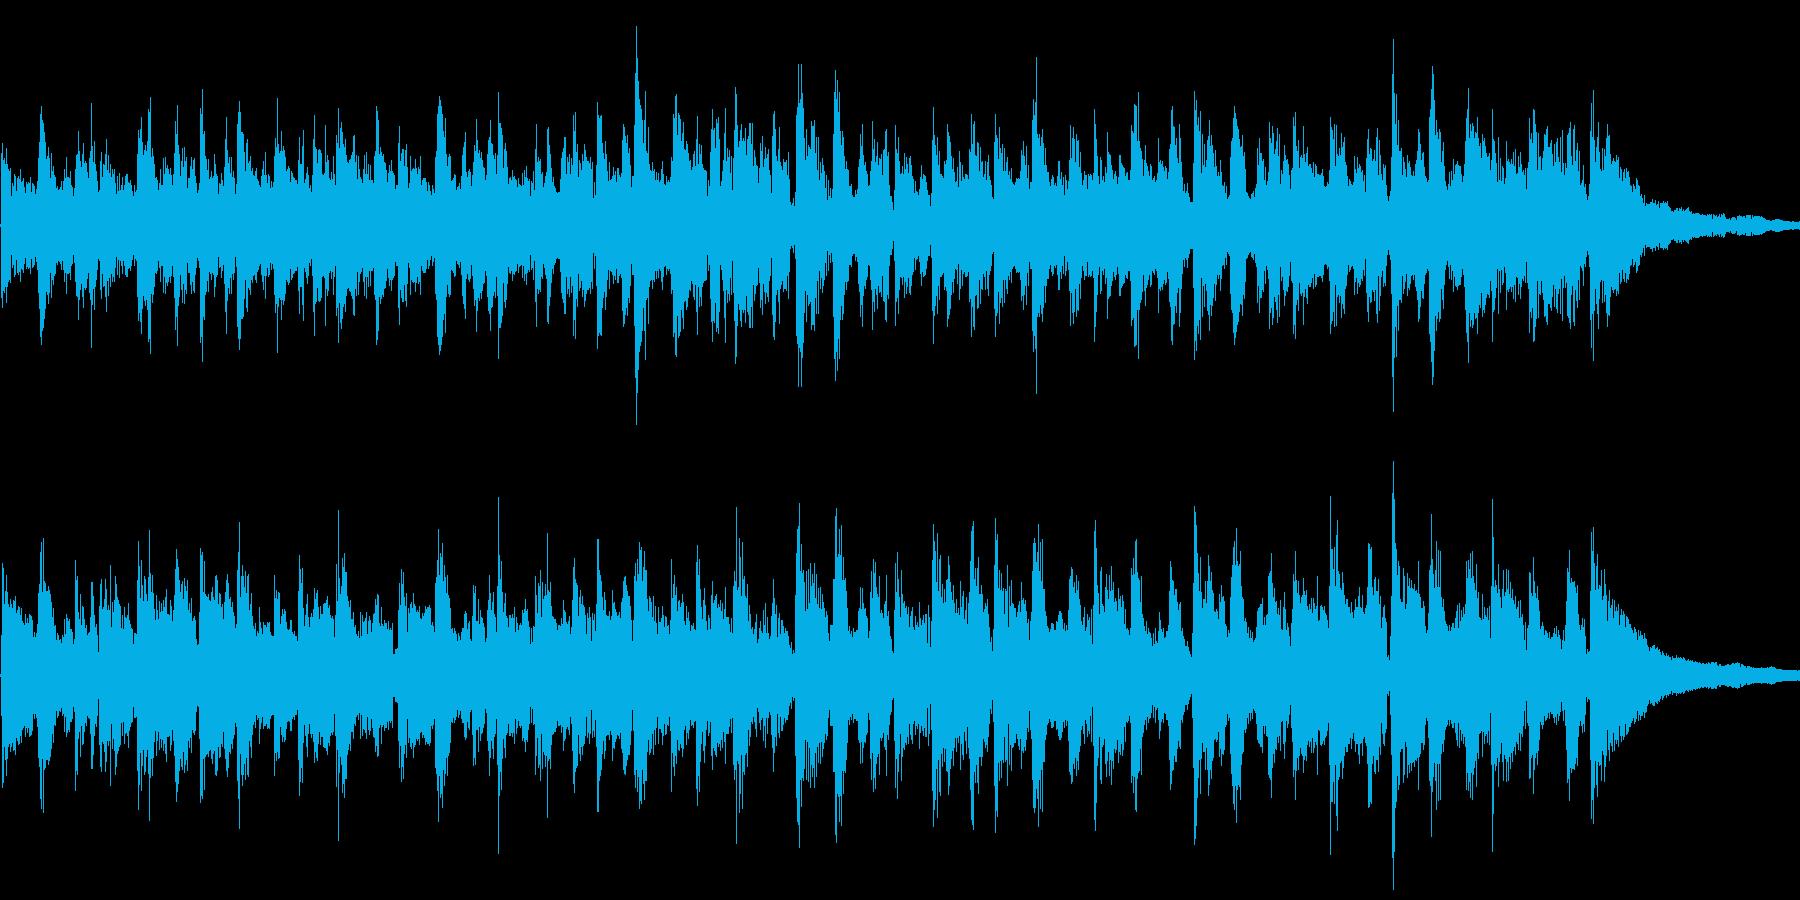 アコーディオンがポップなルンバの再生済みの波形